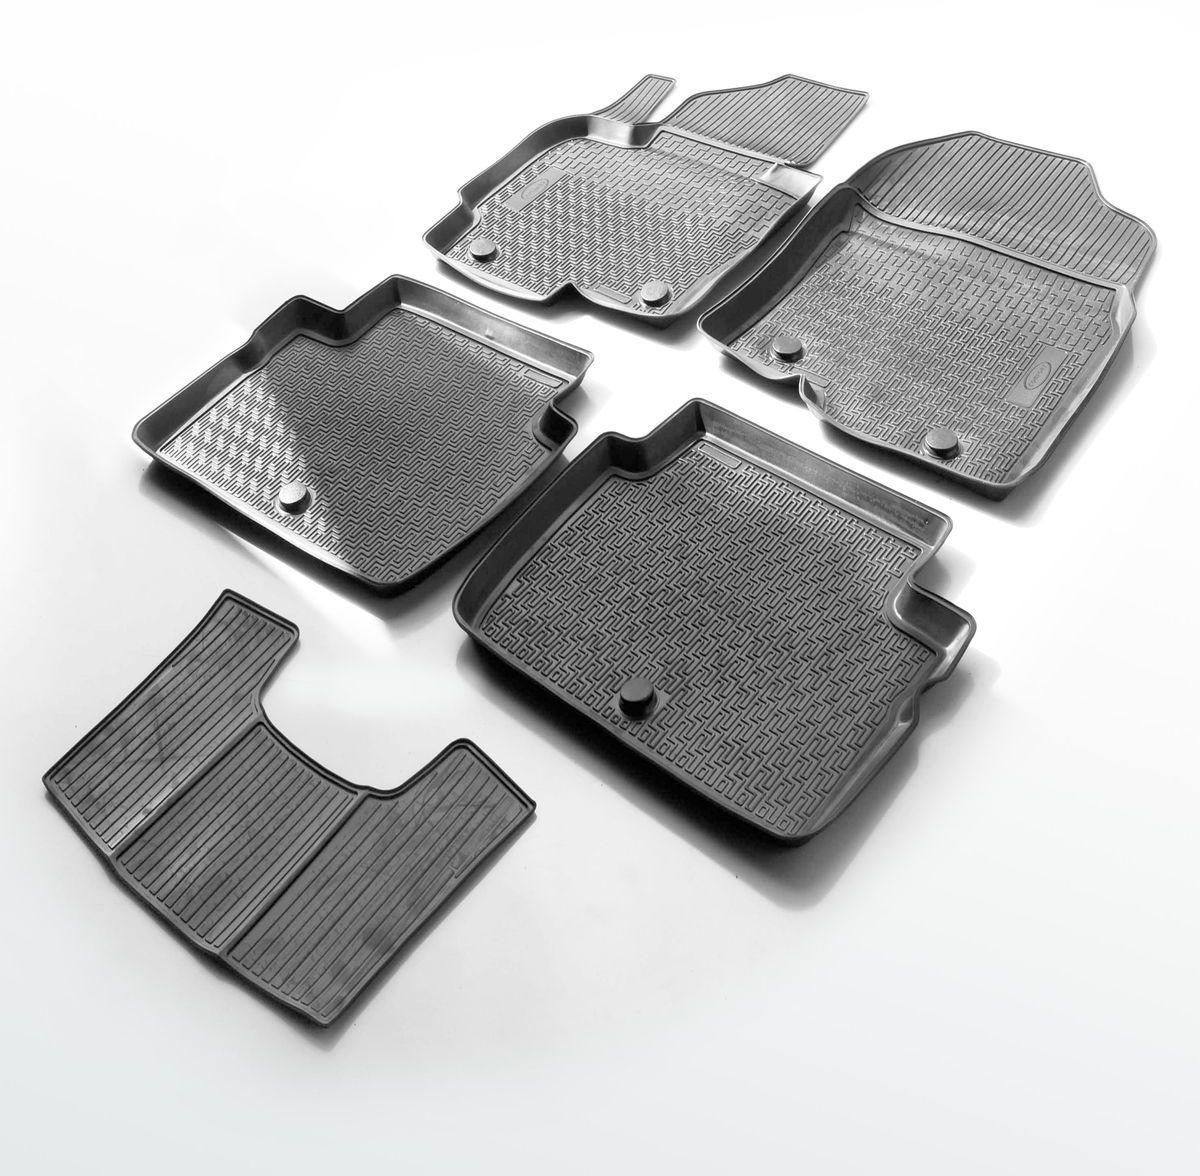 Коврики салона Rival для Suzuki Grand Vitara (5d) 2012-2015, c перемычкой, полиуретан15501001Прочные и долговечные коврики Rival в салон автомобиля, изготовлены из высококачественного и экологичного сырья. Коврики полностью повторяют геометрию салона вашего автомобиля.- Надежная система крепления, позволяющая закрепить коврик на штатные элементы фиксации, в результате чего отсутствует эффект скольжения по салону автомобиля.- Высокая стойкость поверхности к стиранию.- Специализированный рисунок и высокий борт, препятствующие распространению грязи и жидкости по поверхности коврика.- Перемычка задних ковриков в комплекте предотвращает загрязнение тоннеля карданного вала.- Коврики произведены из первичных материалов, в результате чего отсутствует неприятный запах в салоне автомобиля.- Высокая эластичность, можно беспрепятственно эксплуатировать при температуре от -45°C до +45°C. Уважаемые клиенты! Обращаем ваше внимание, что коврики имеют форму, соответствующую модели данного автомобиля. Фото служит для визуального восприятия товара.